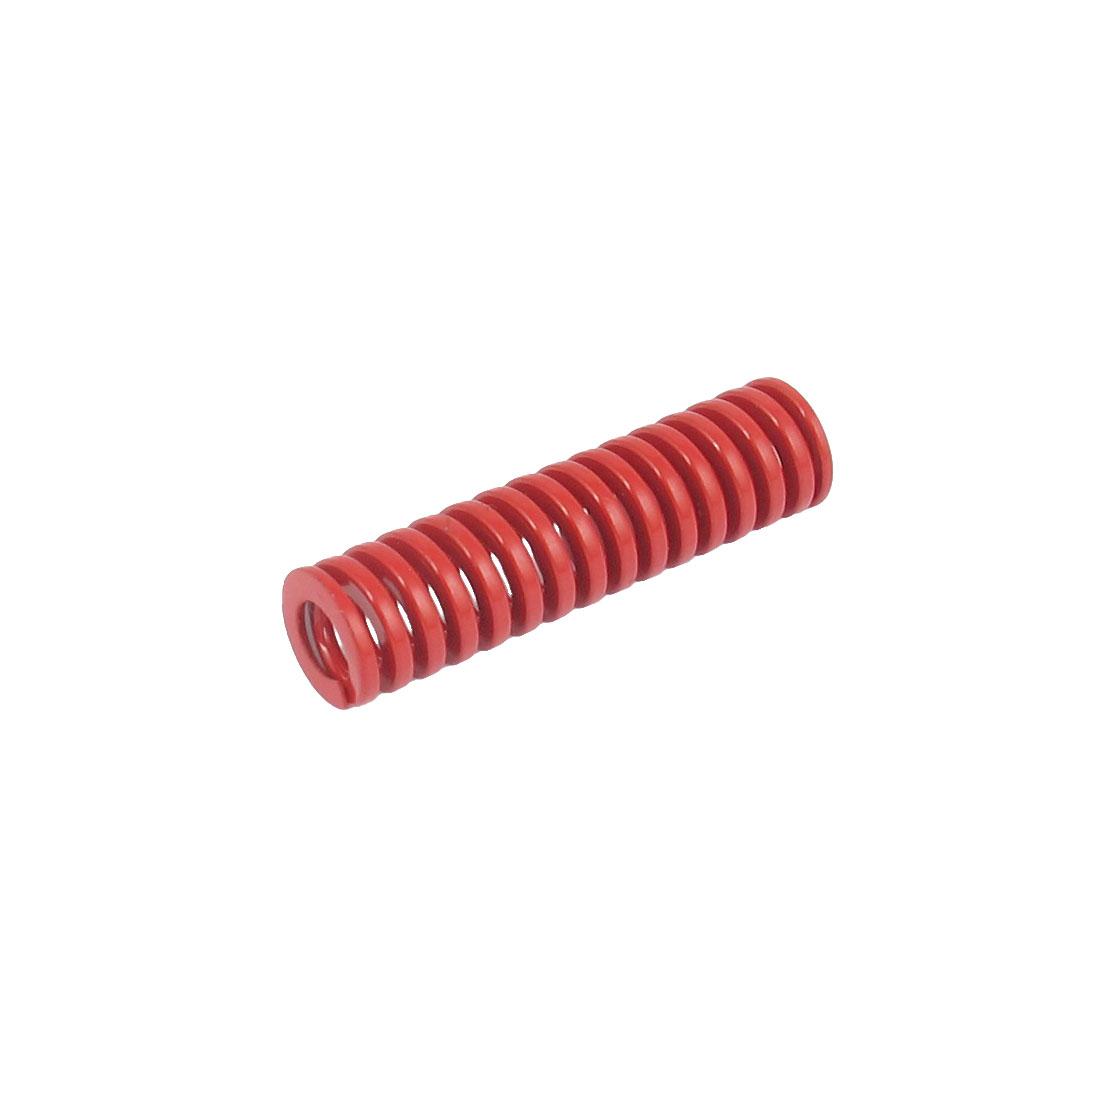 12mmx45mm Chromium Alloy Steel Medium Load Die Spring Red